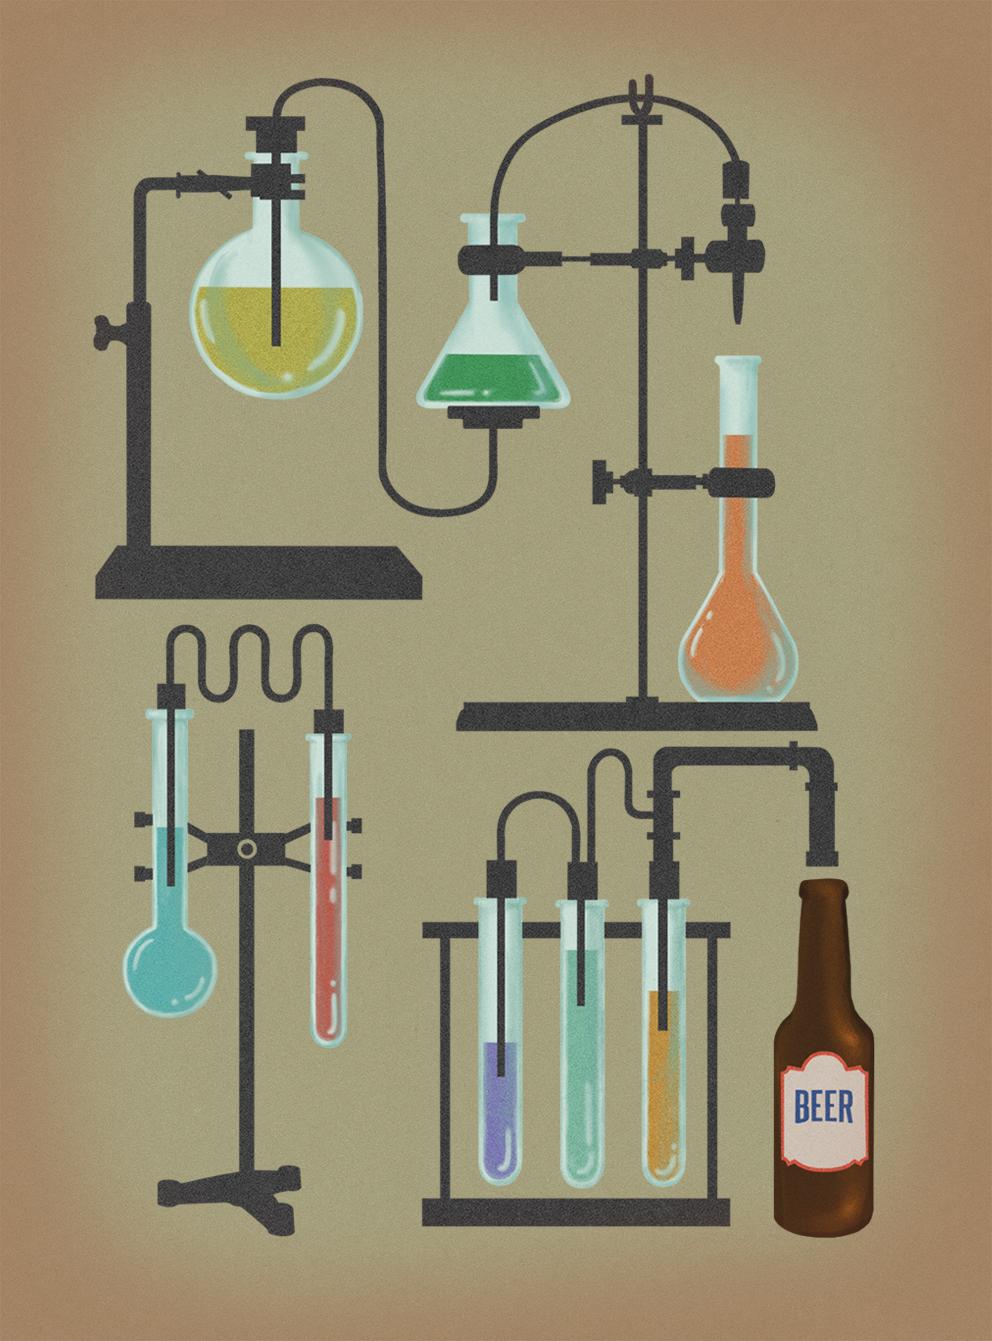 Beer DNA